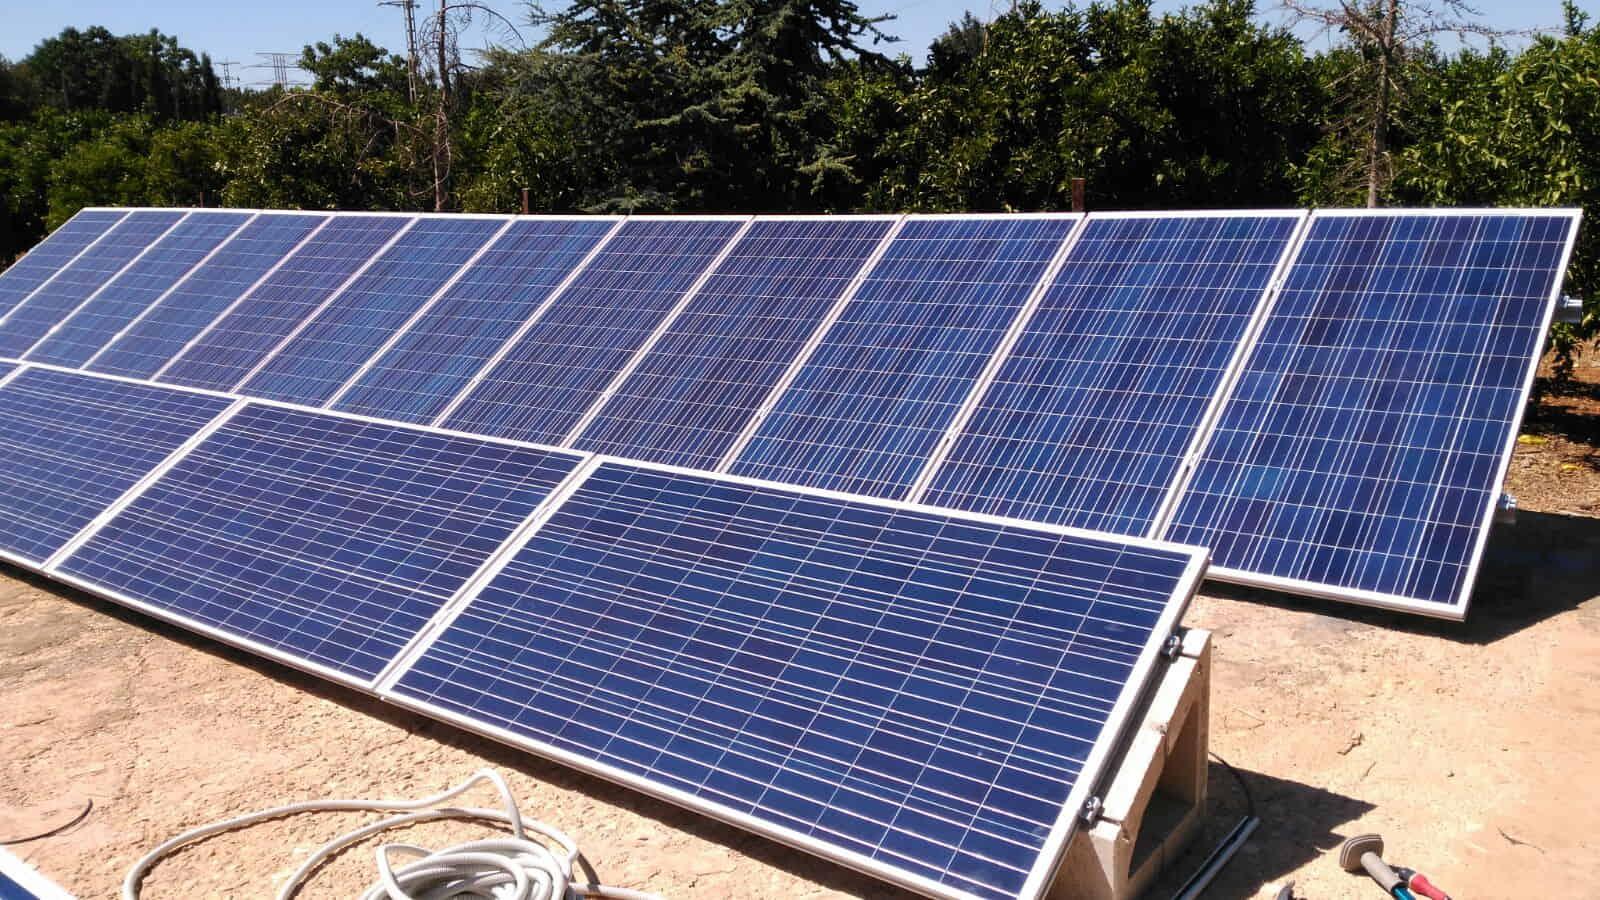 El número de instalaciones de autoconsumo fotovoltaico crece en España un 80% en 2018